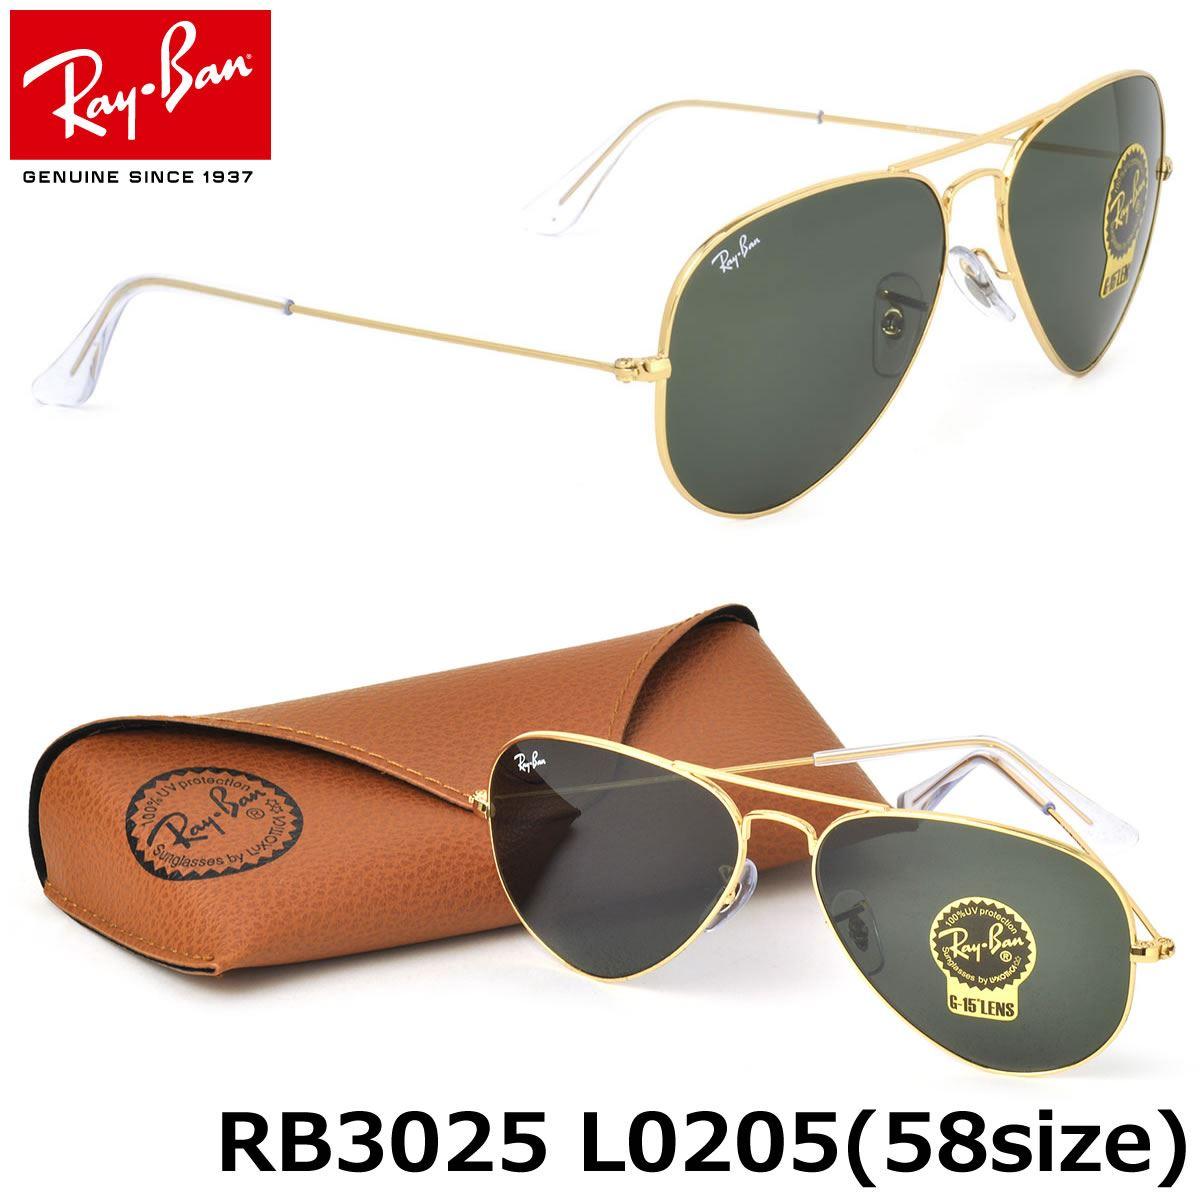 a5cc7fe571 Lentes de Sol Ray Ban Aviador RB3025 L0205 Clasico talla 58mm | Juntoz.com